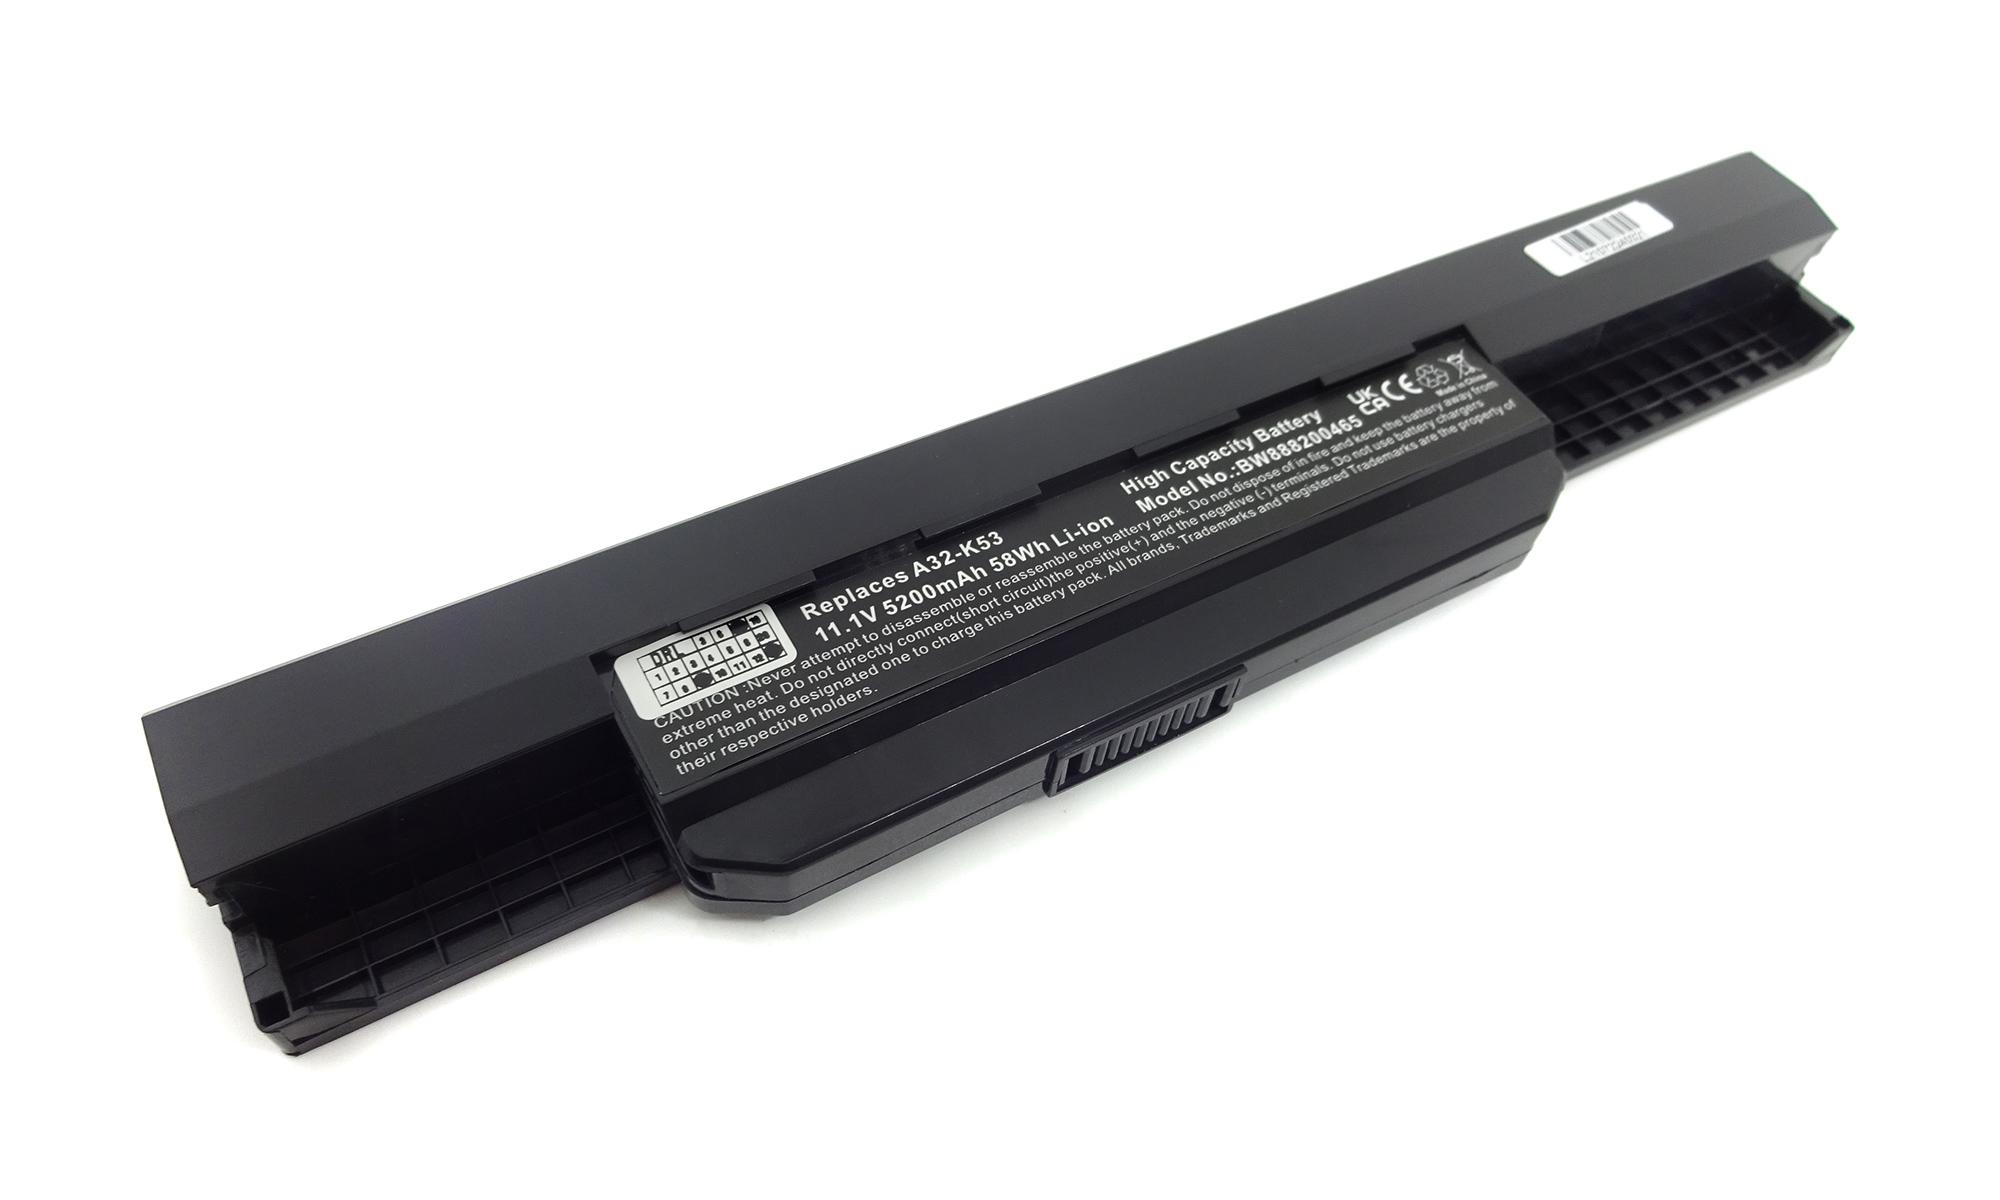 Baterie compatibila laptop Asus A43, A53, K43, K53, K54, X43, X53, X54, X84, 11.1V, 5200mAh, 58Wh, model A31-K53, A32-K53, A41-K53, A42-K53